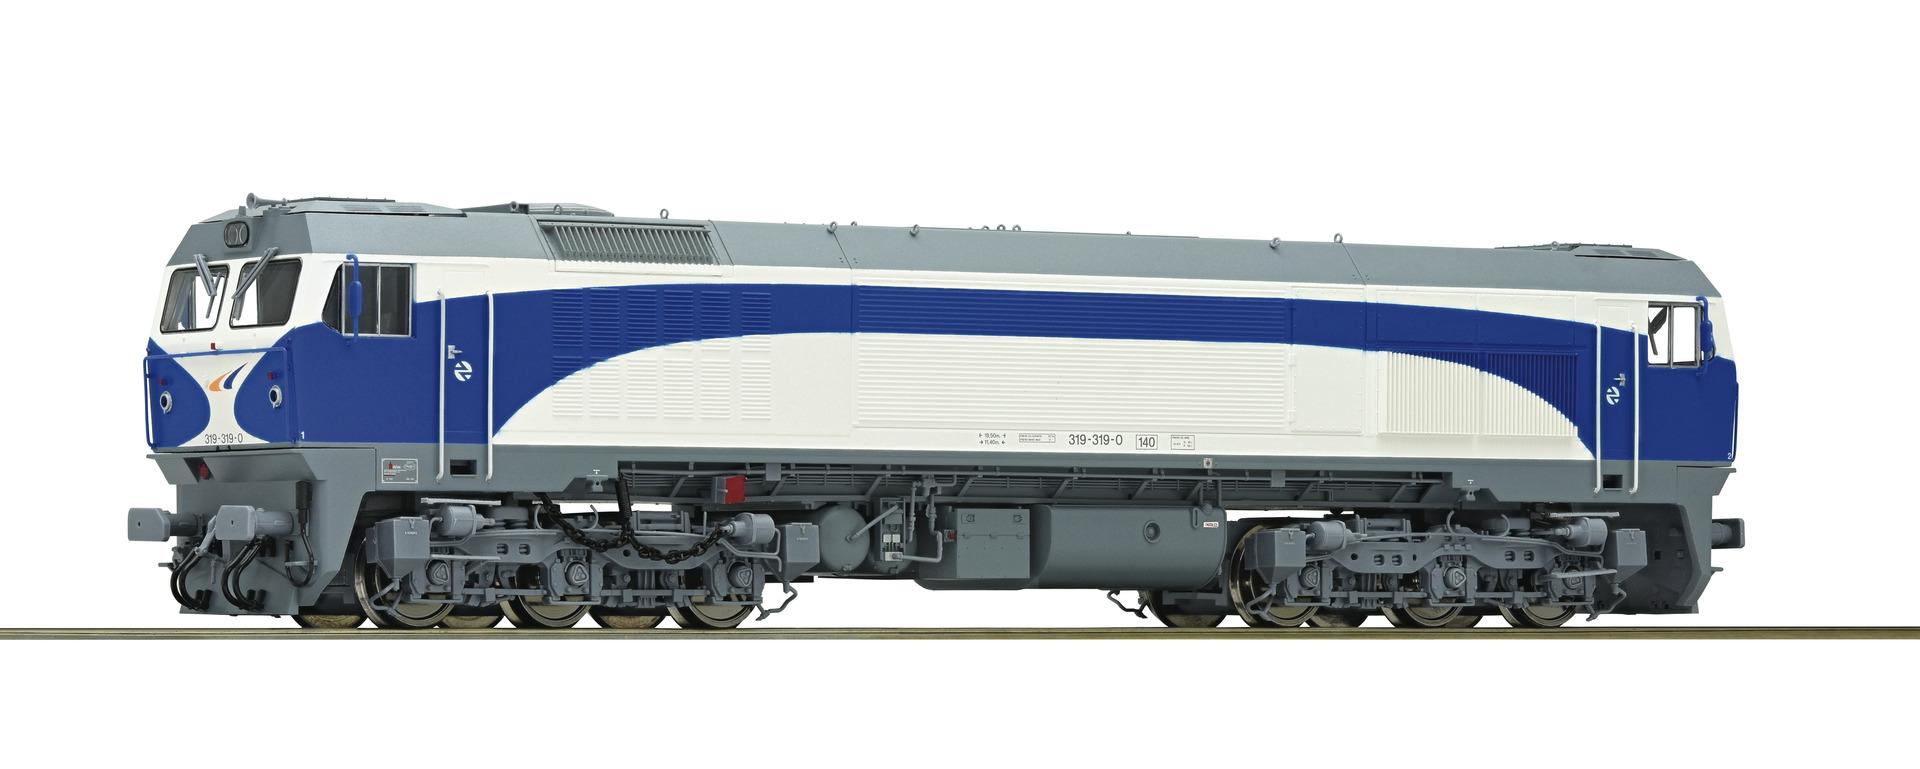 Roco73693 Diesel serie319 RENFE, dcc sound